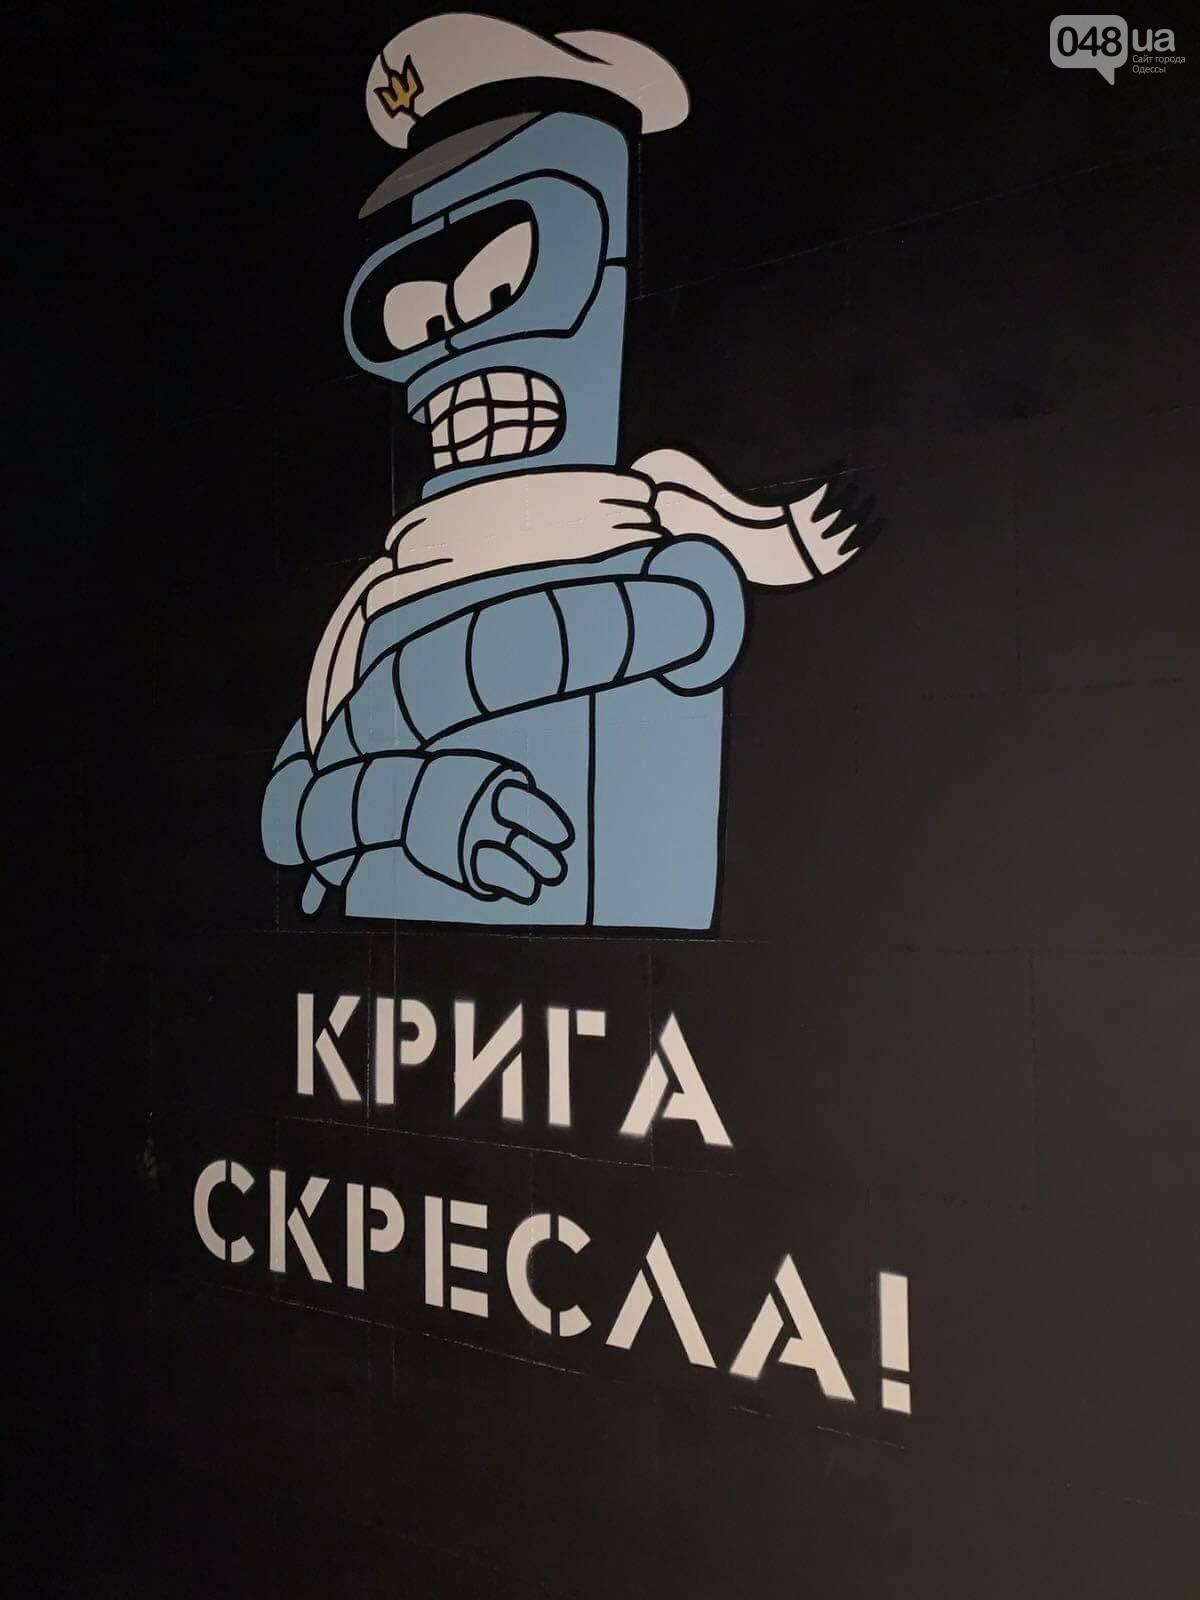 Екатерину II с чемоданами  из одесского ресторана отправили в Киев,- ФОТО, фото-1